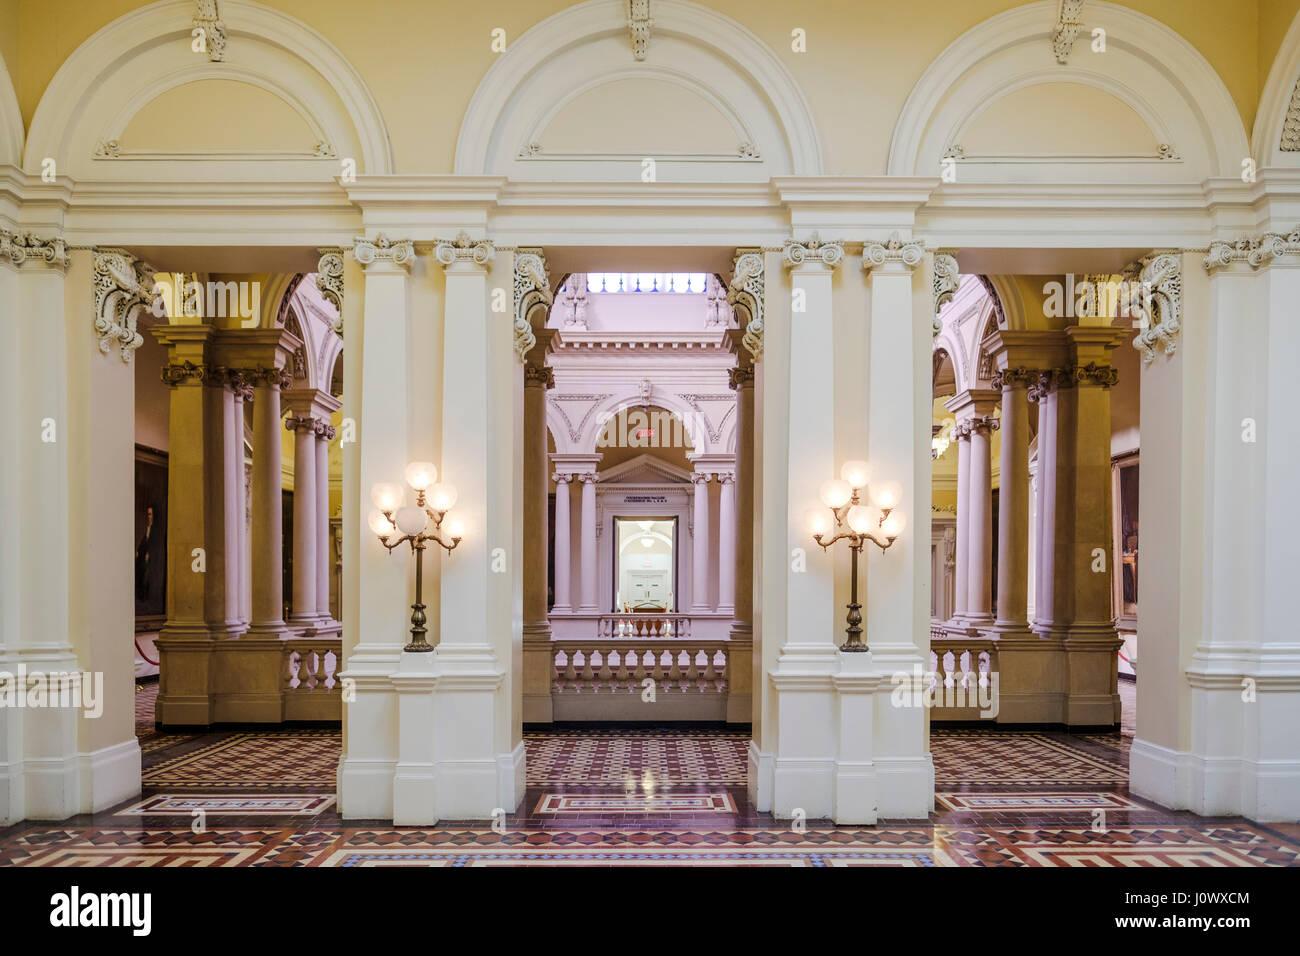 Osgoode hall rotunda ingresso vista dal grande biblioteca